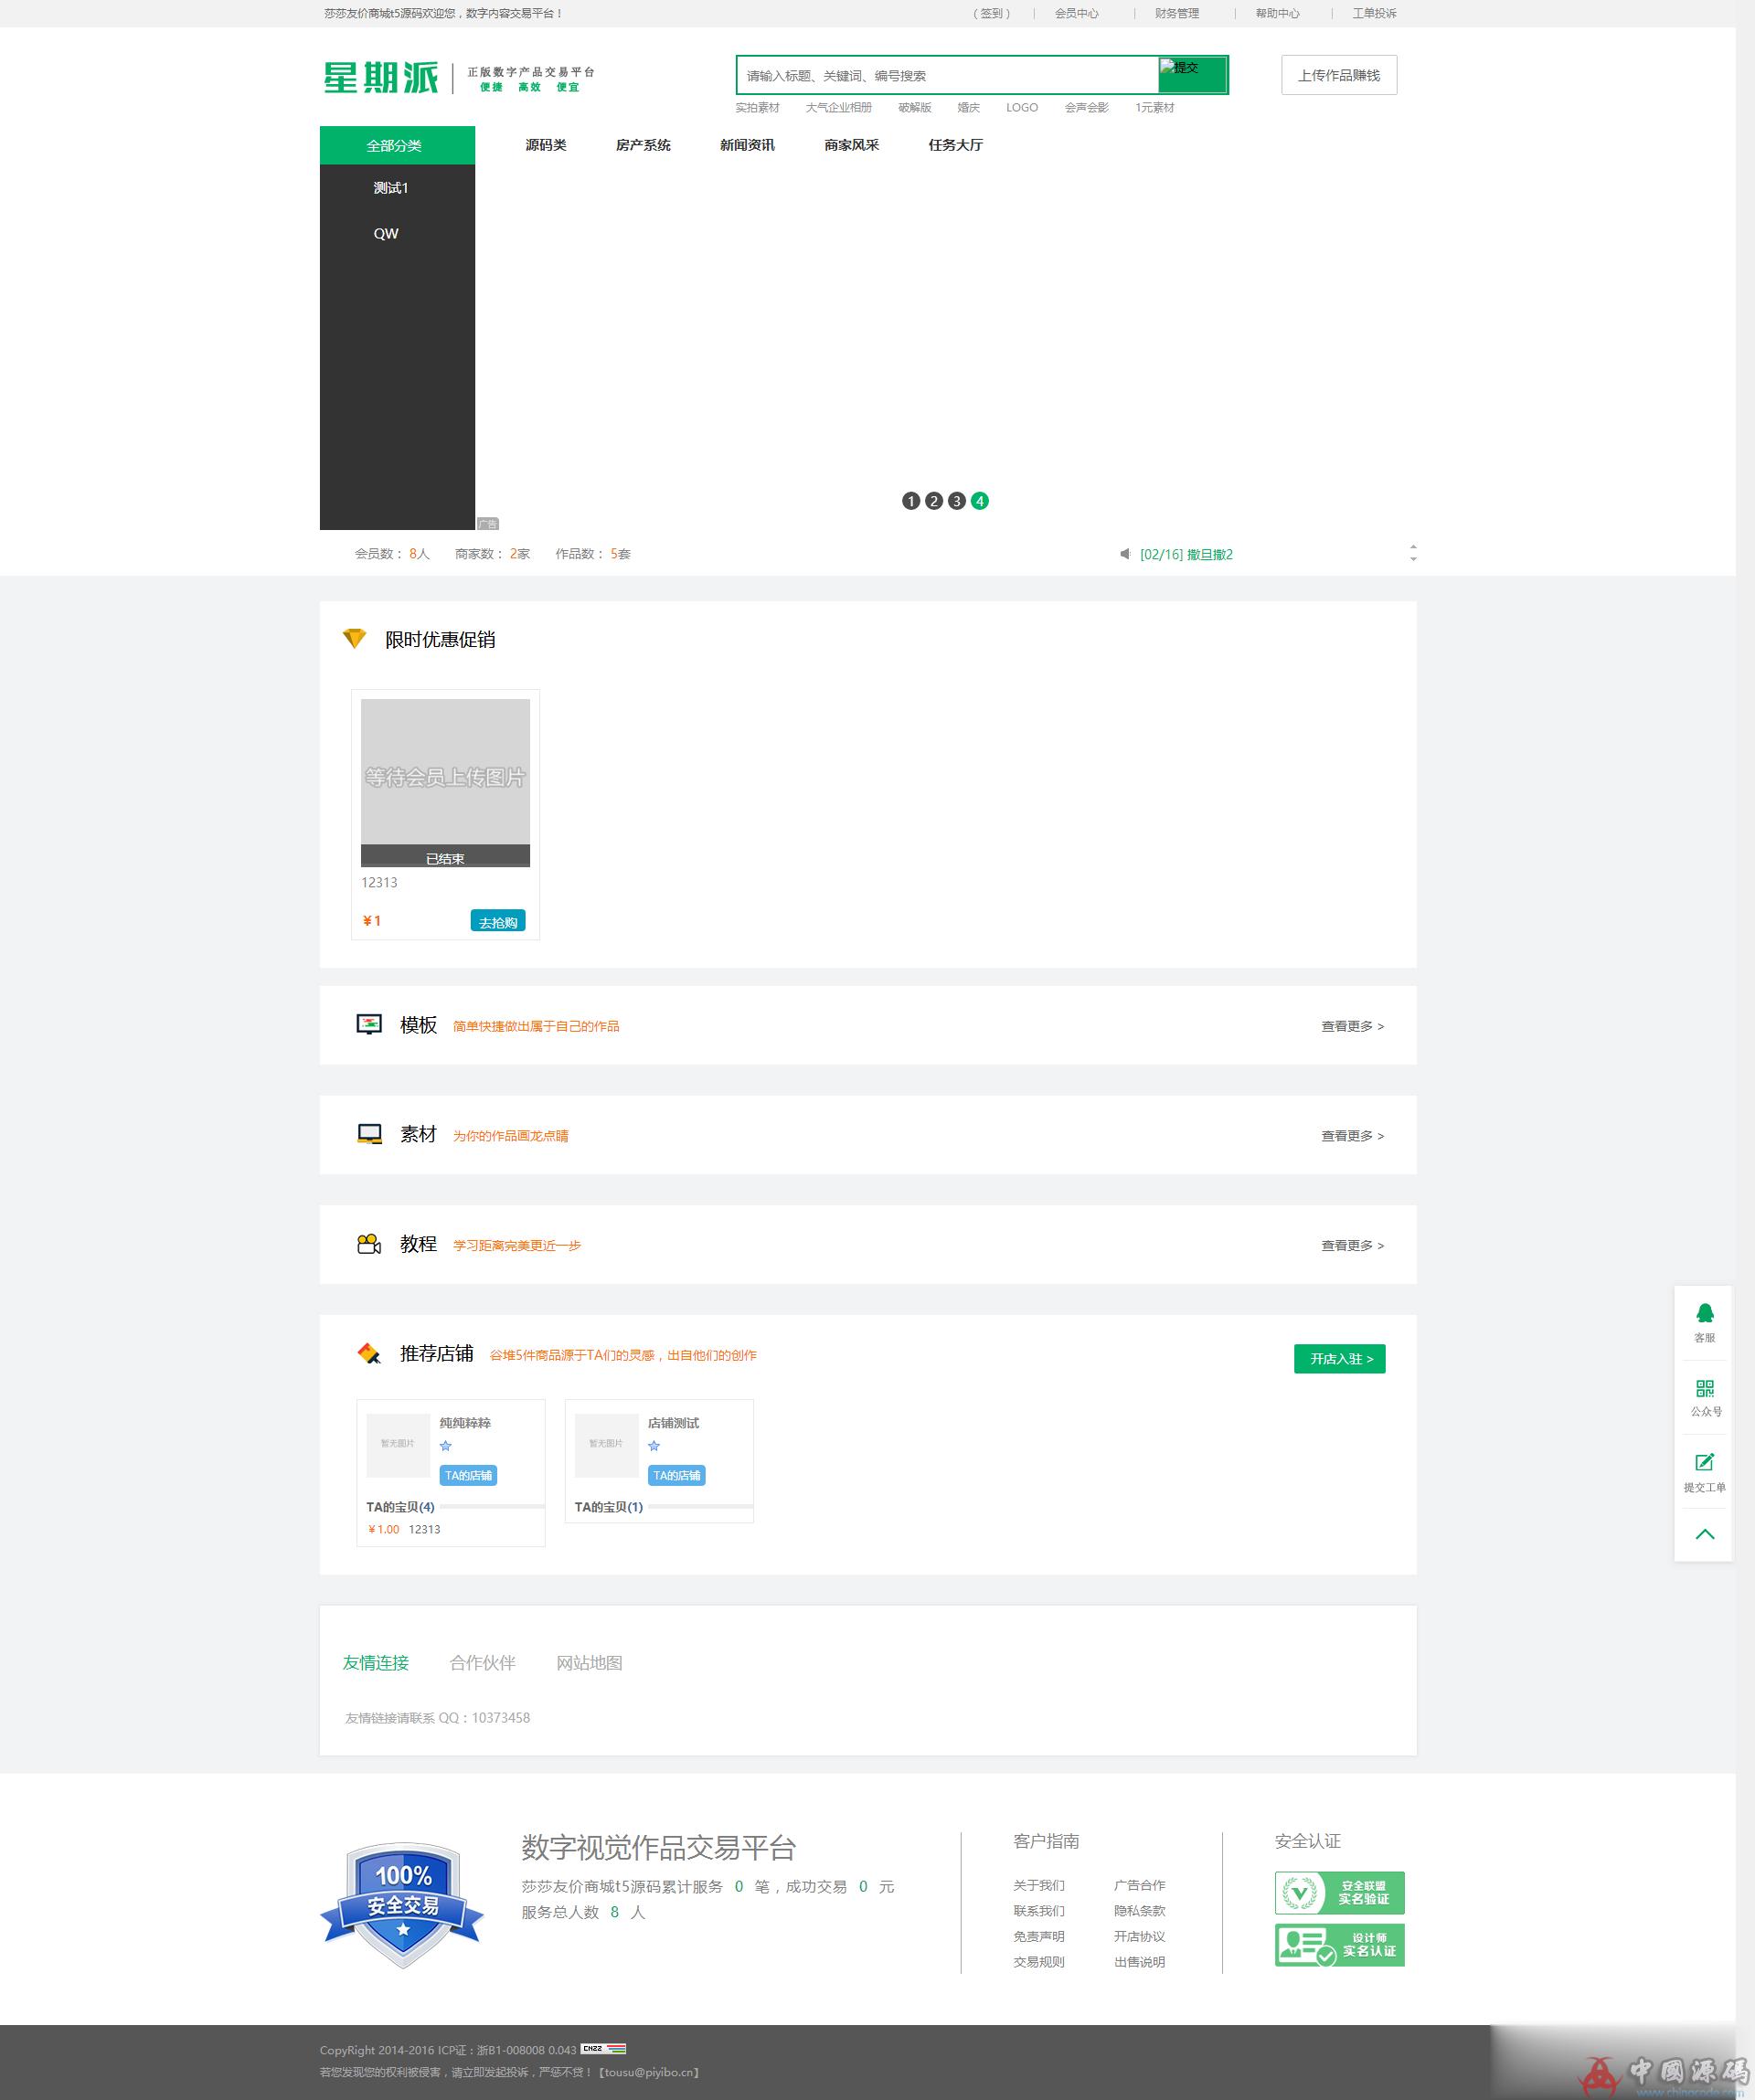 星期派正版数字交易平台源码友价T5内核加上星期派源码交易系统绿白风格模板 网站-第6张